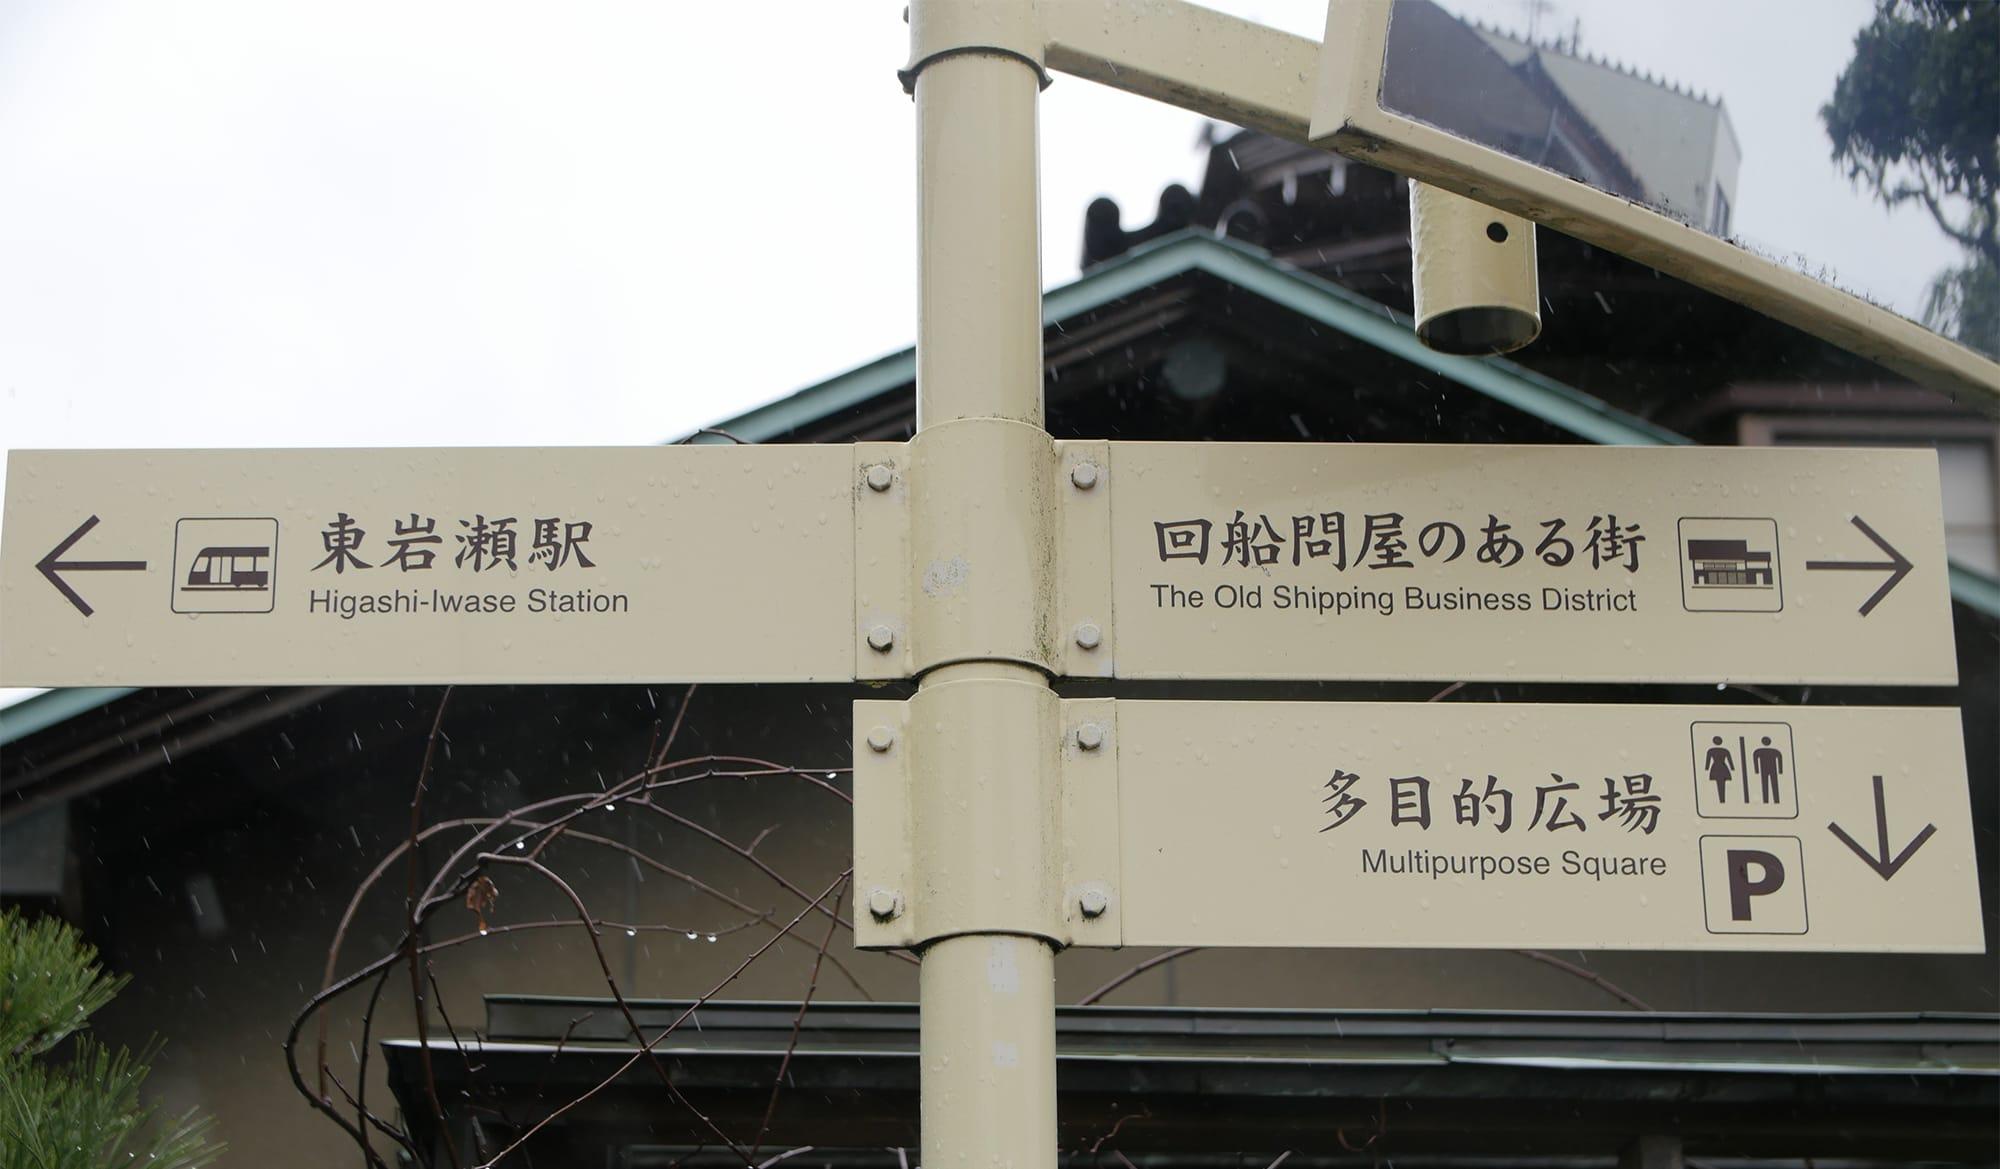 富山地方鉄道、東岩瀬駅からも程近い岩瀬エリア。標識に沿って廻船問屋のある街並みを散策したい。